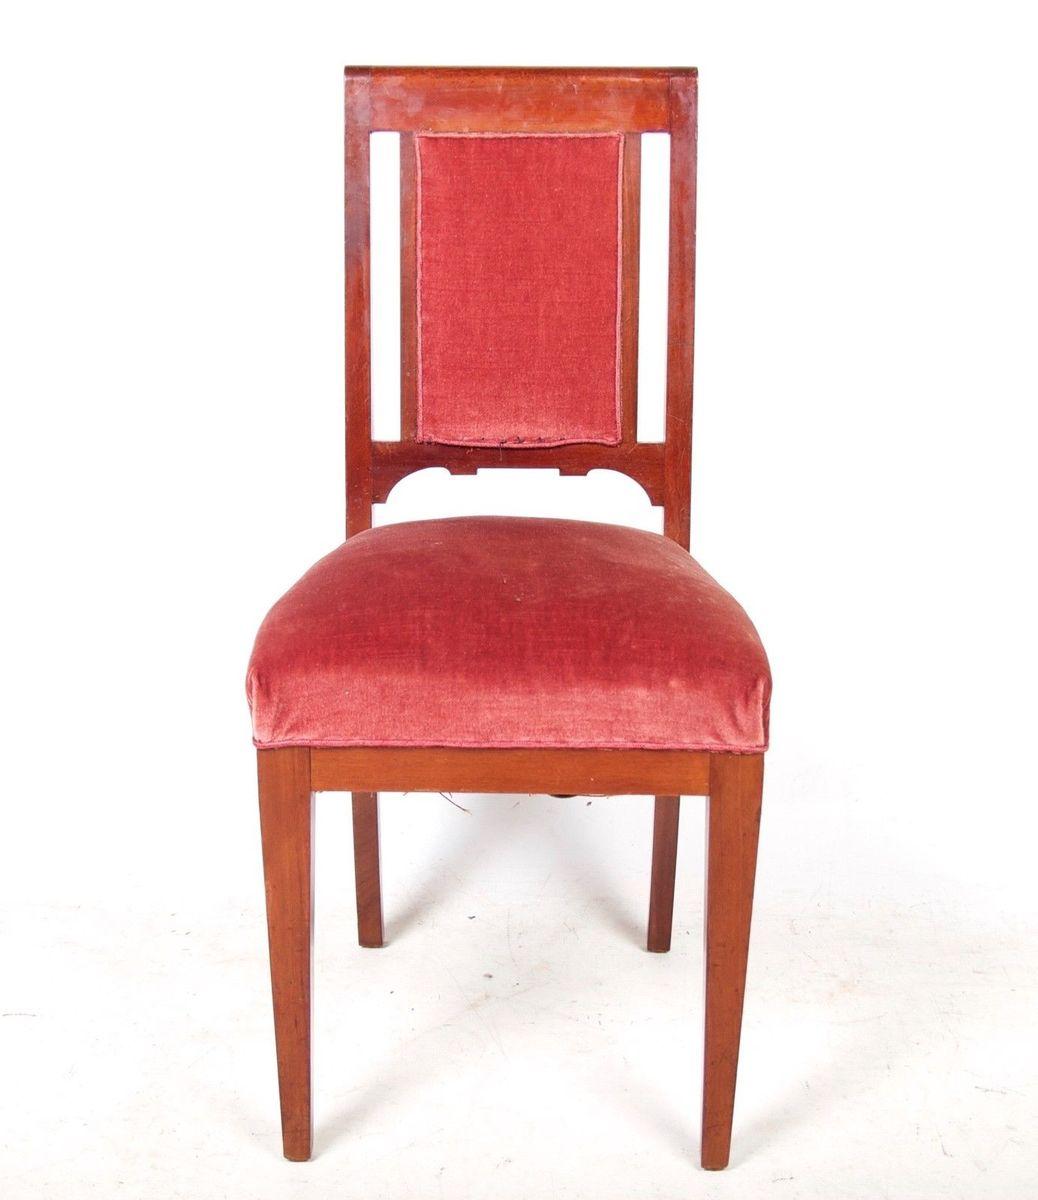 Full Size of Stuhl Für Schlafzimmer Bro Schreibtisch Sessel Fell Hocker Teppich Hotel Fürstenhof Bad Griesbach Sitzfläche Sichtschutz Fenster Schrank Garten Schlafzimmer Stuhl Für Schlafzimmer